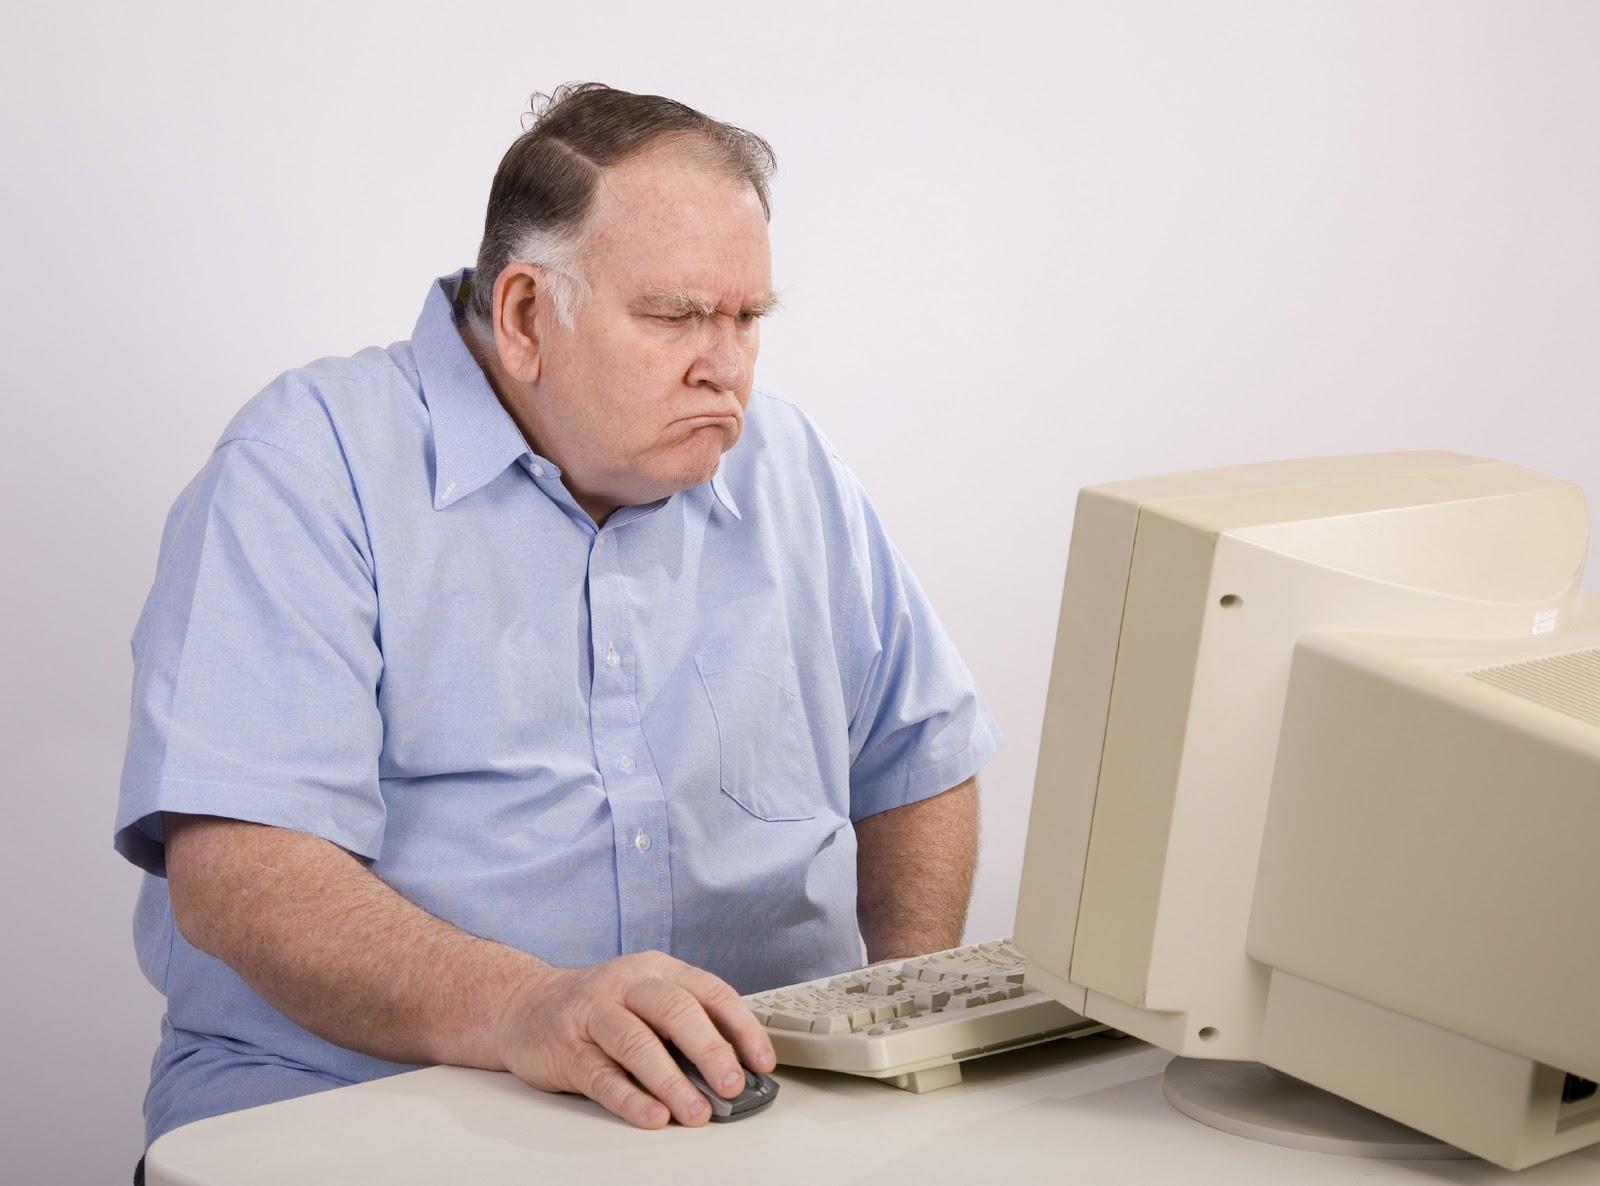 Grumpy guy at computer